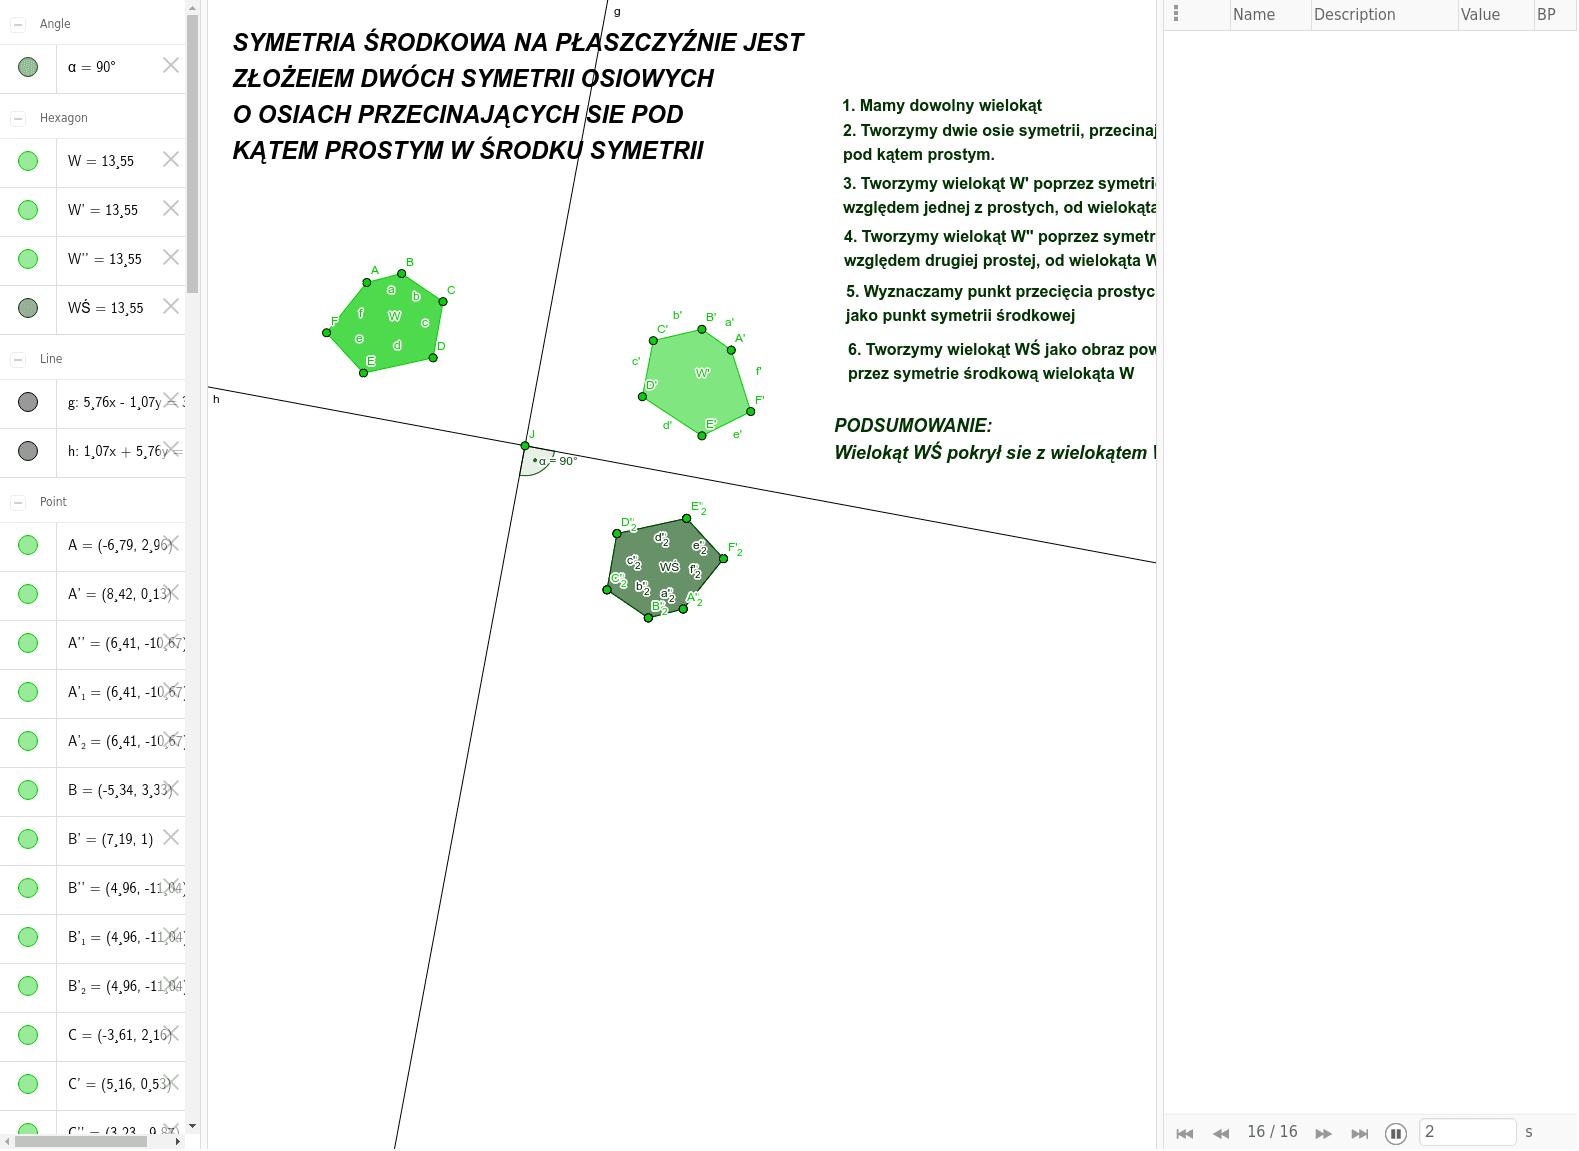 Symetria środkowa na płaszczyźnie